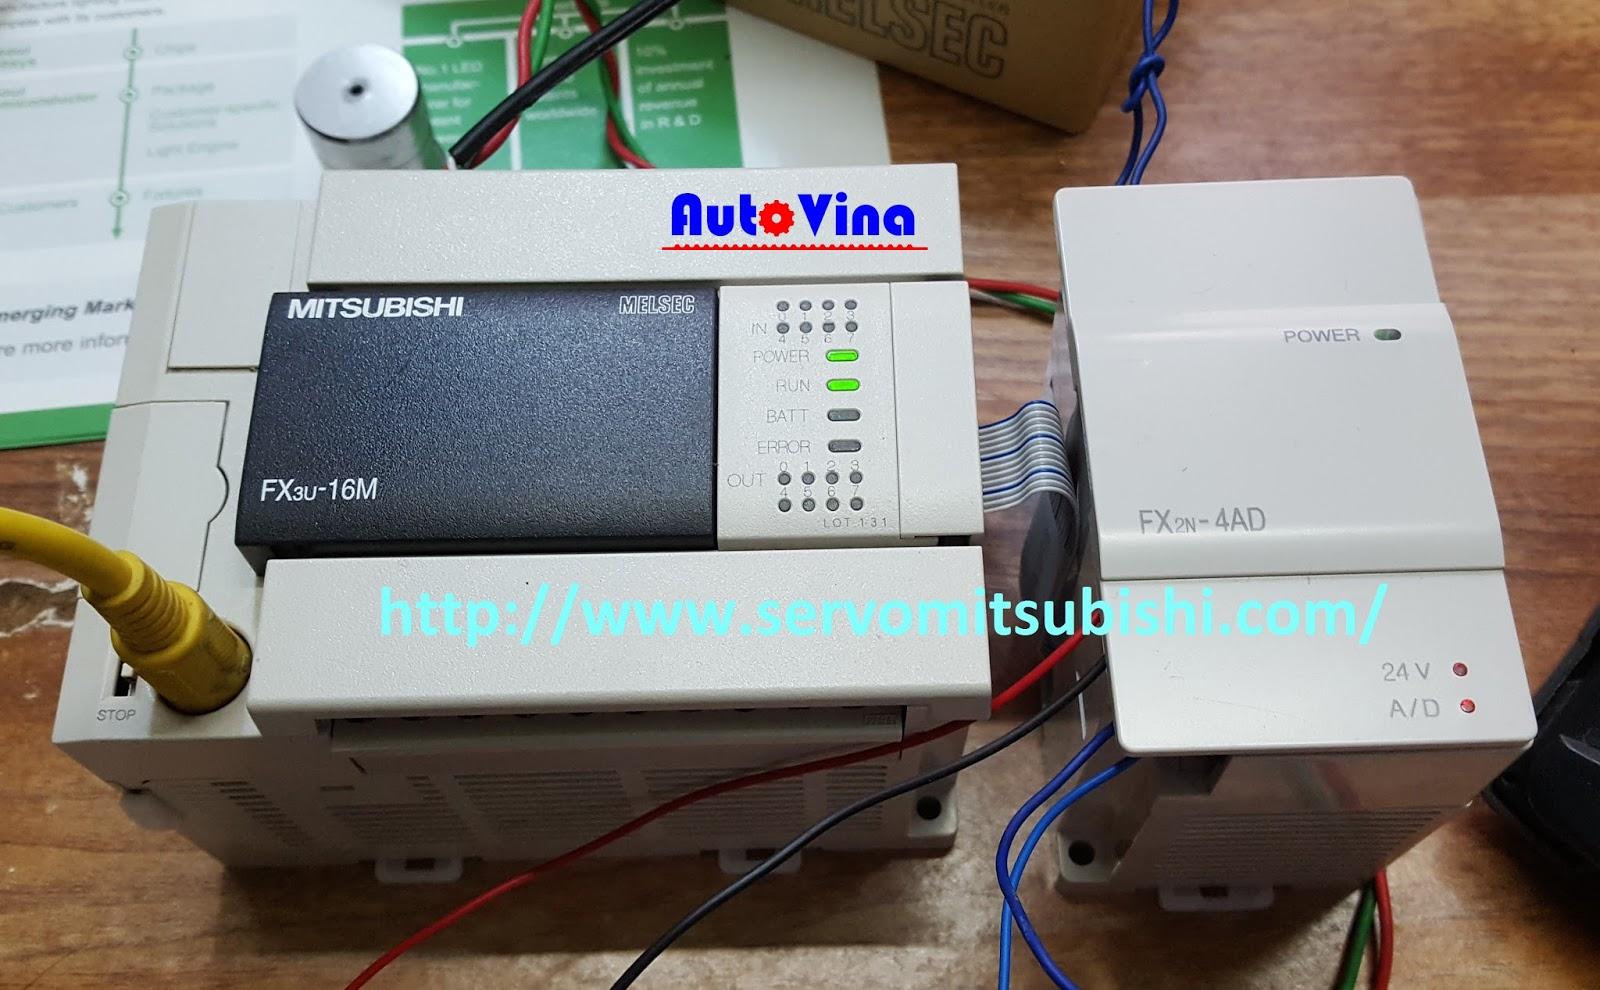 Module chuyển đối tín hiệu analog FX2N-4AD dùng được cho PLC FX3U-16MT